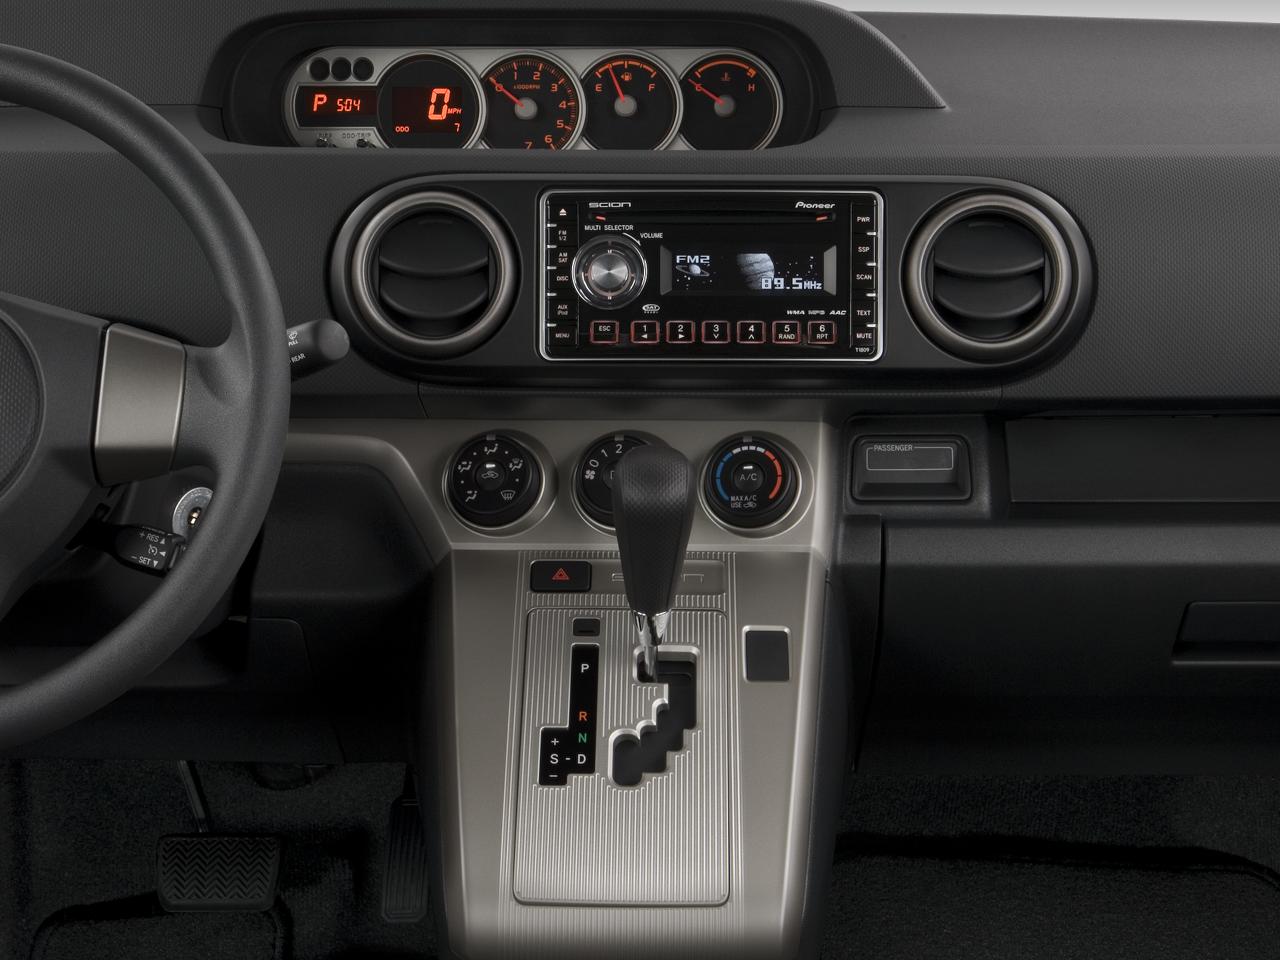 2010 Scion Xb Release Series 70 2009 La Auto Show Coverage New Fuse Box 15 24